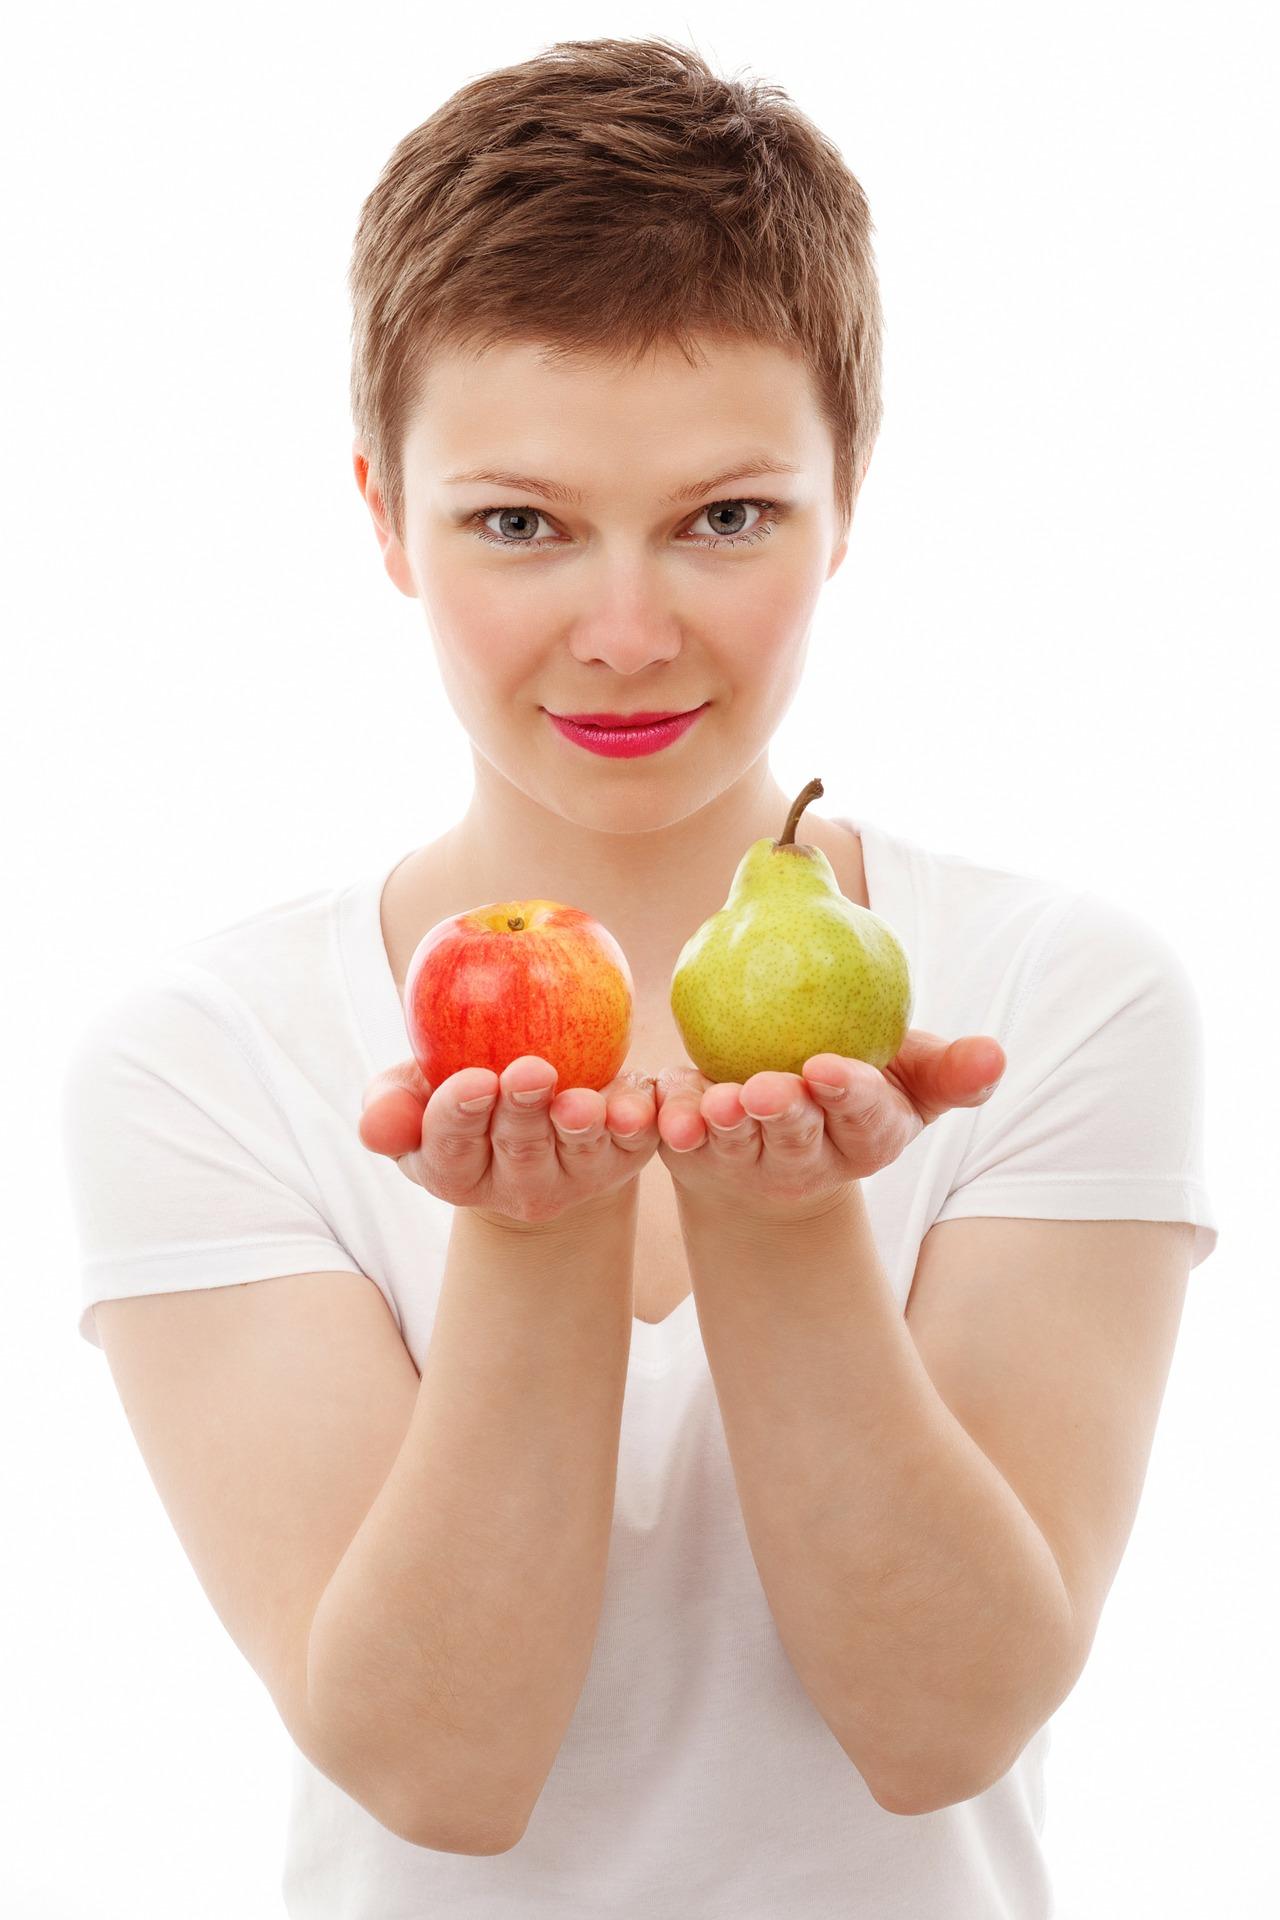 Snacks saludables: cinco puntos a tener en cuenta